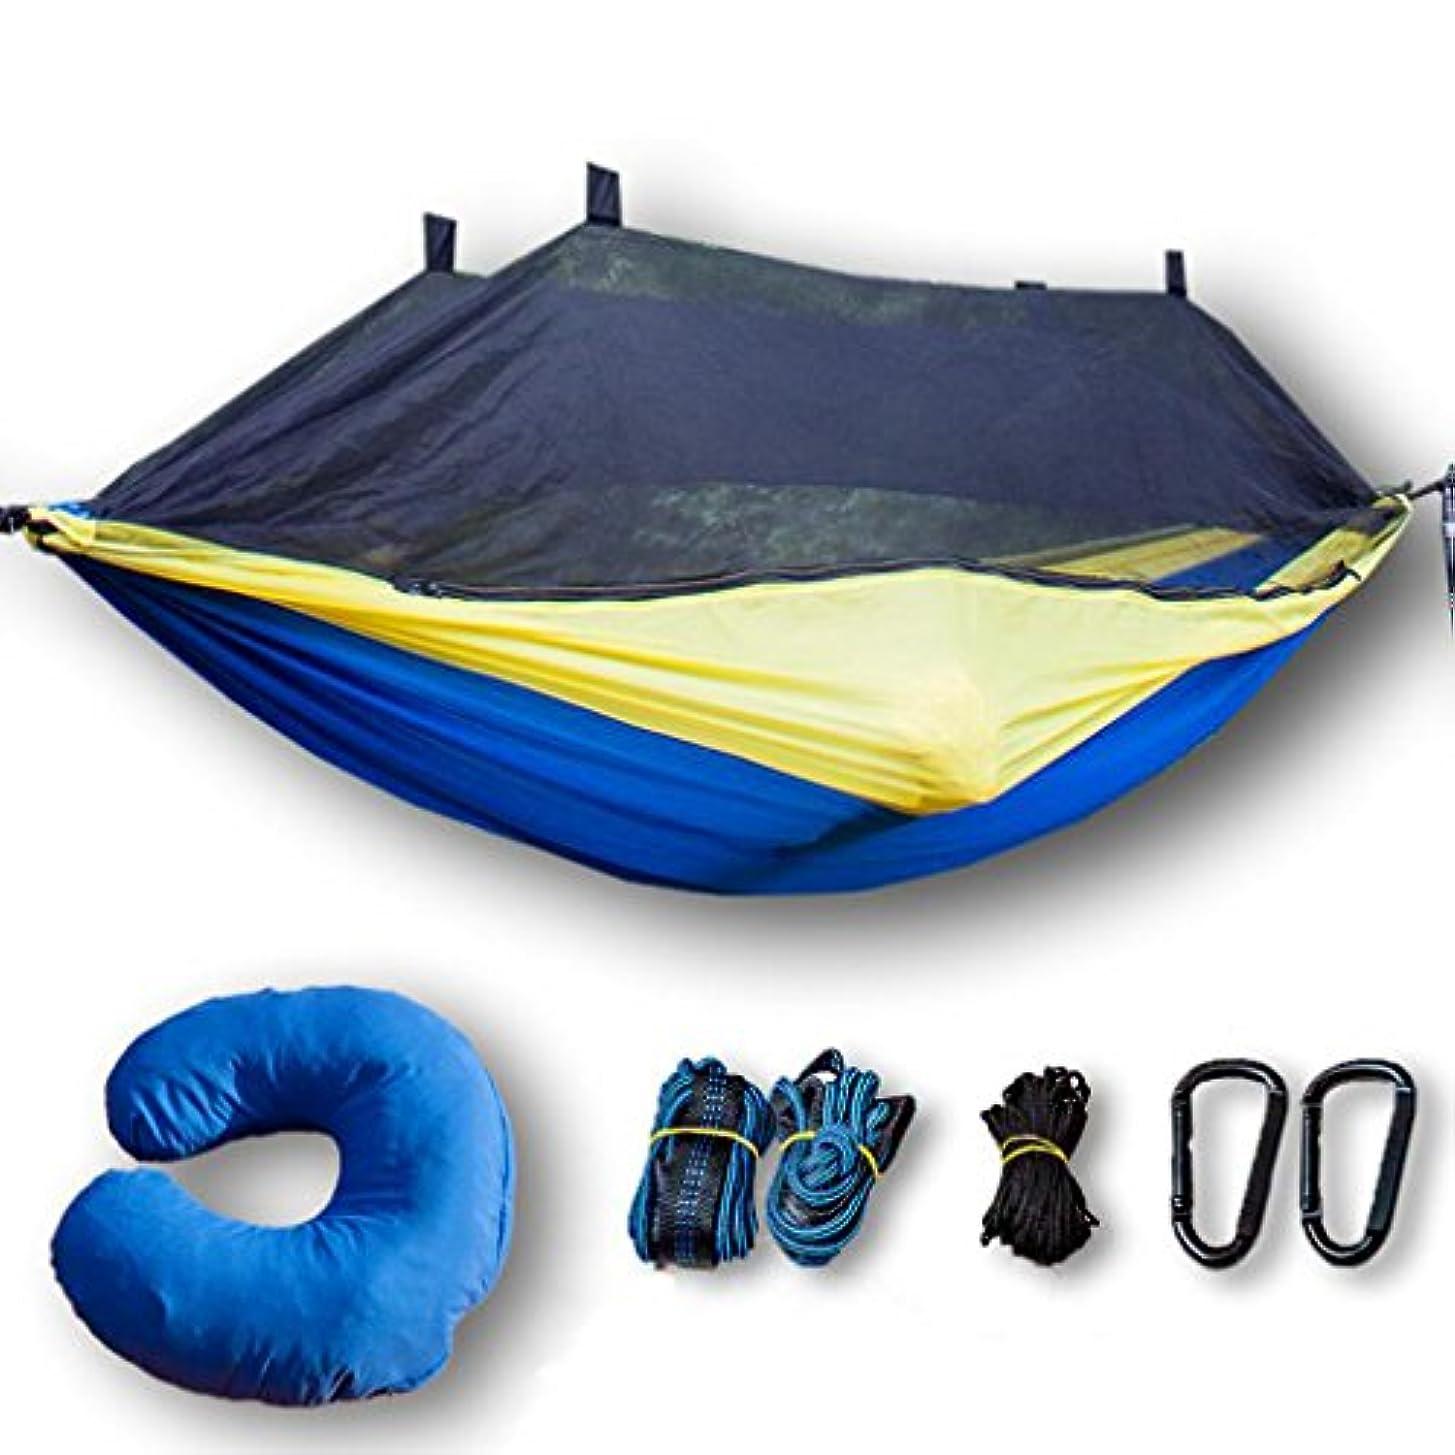 食べる宿題あからさまハンモック屋外蚊帳パラシュート布キャンプ超軽量蚊帳ハンモック